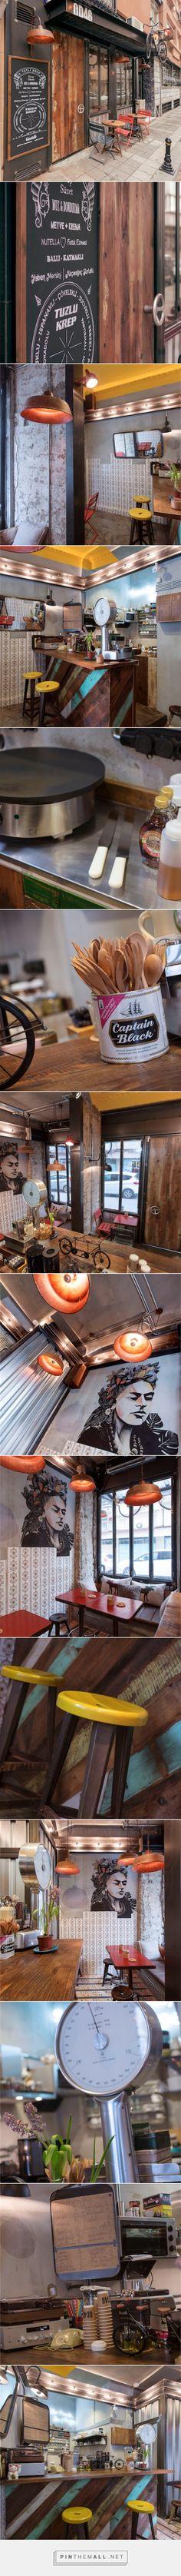 Кафе-блинная в Стамбуле на 15 кв. метрах